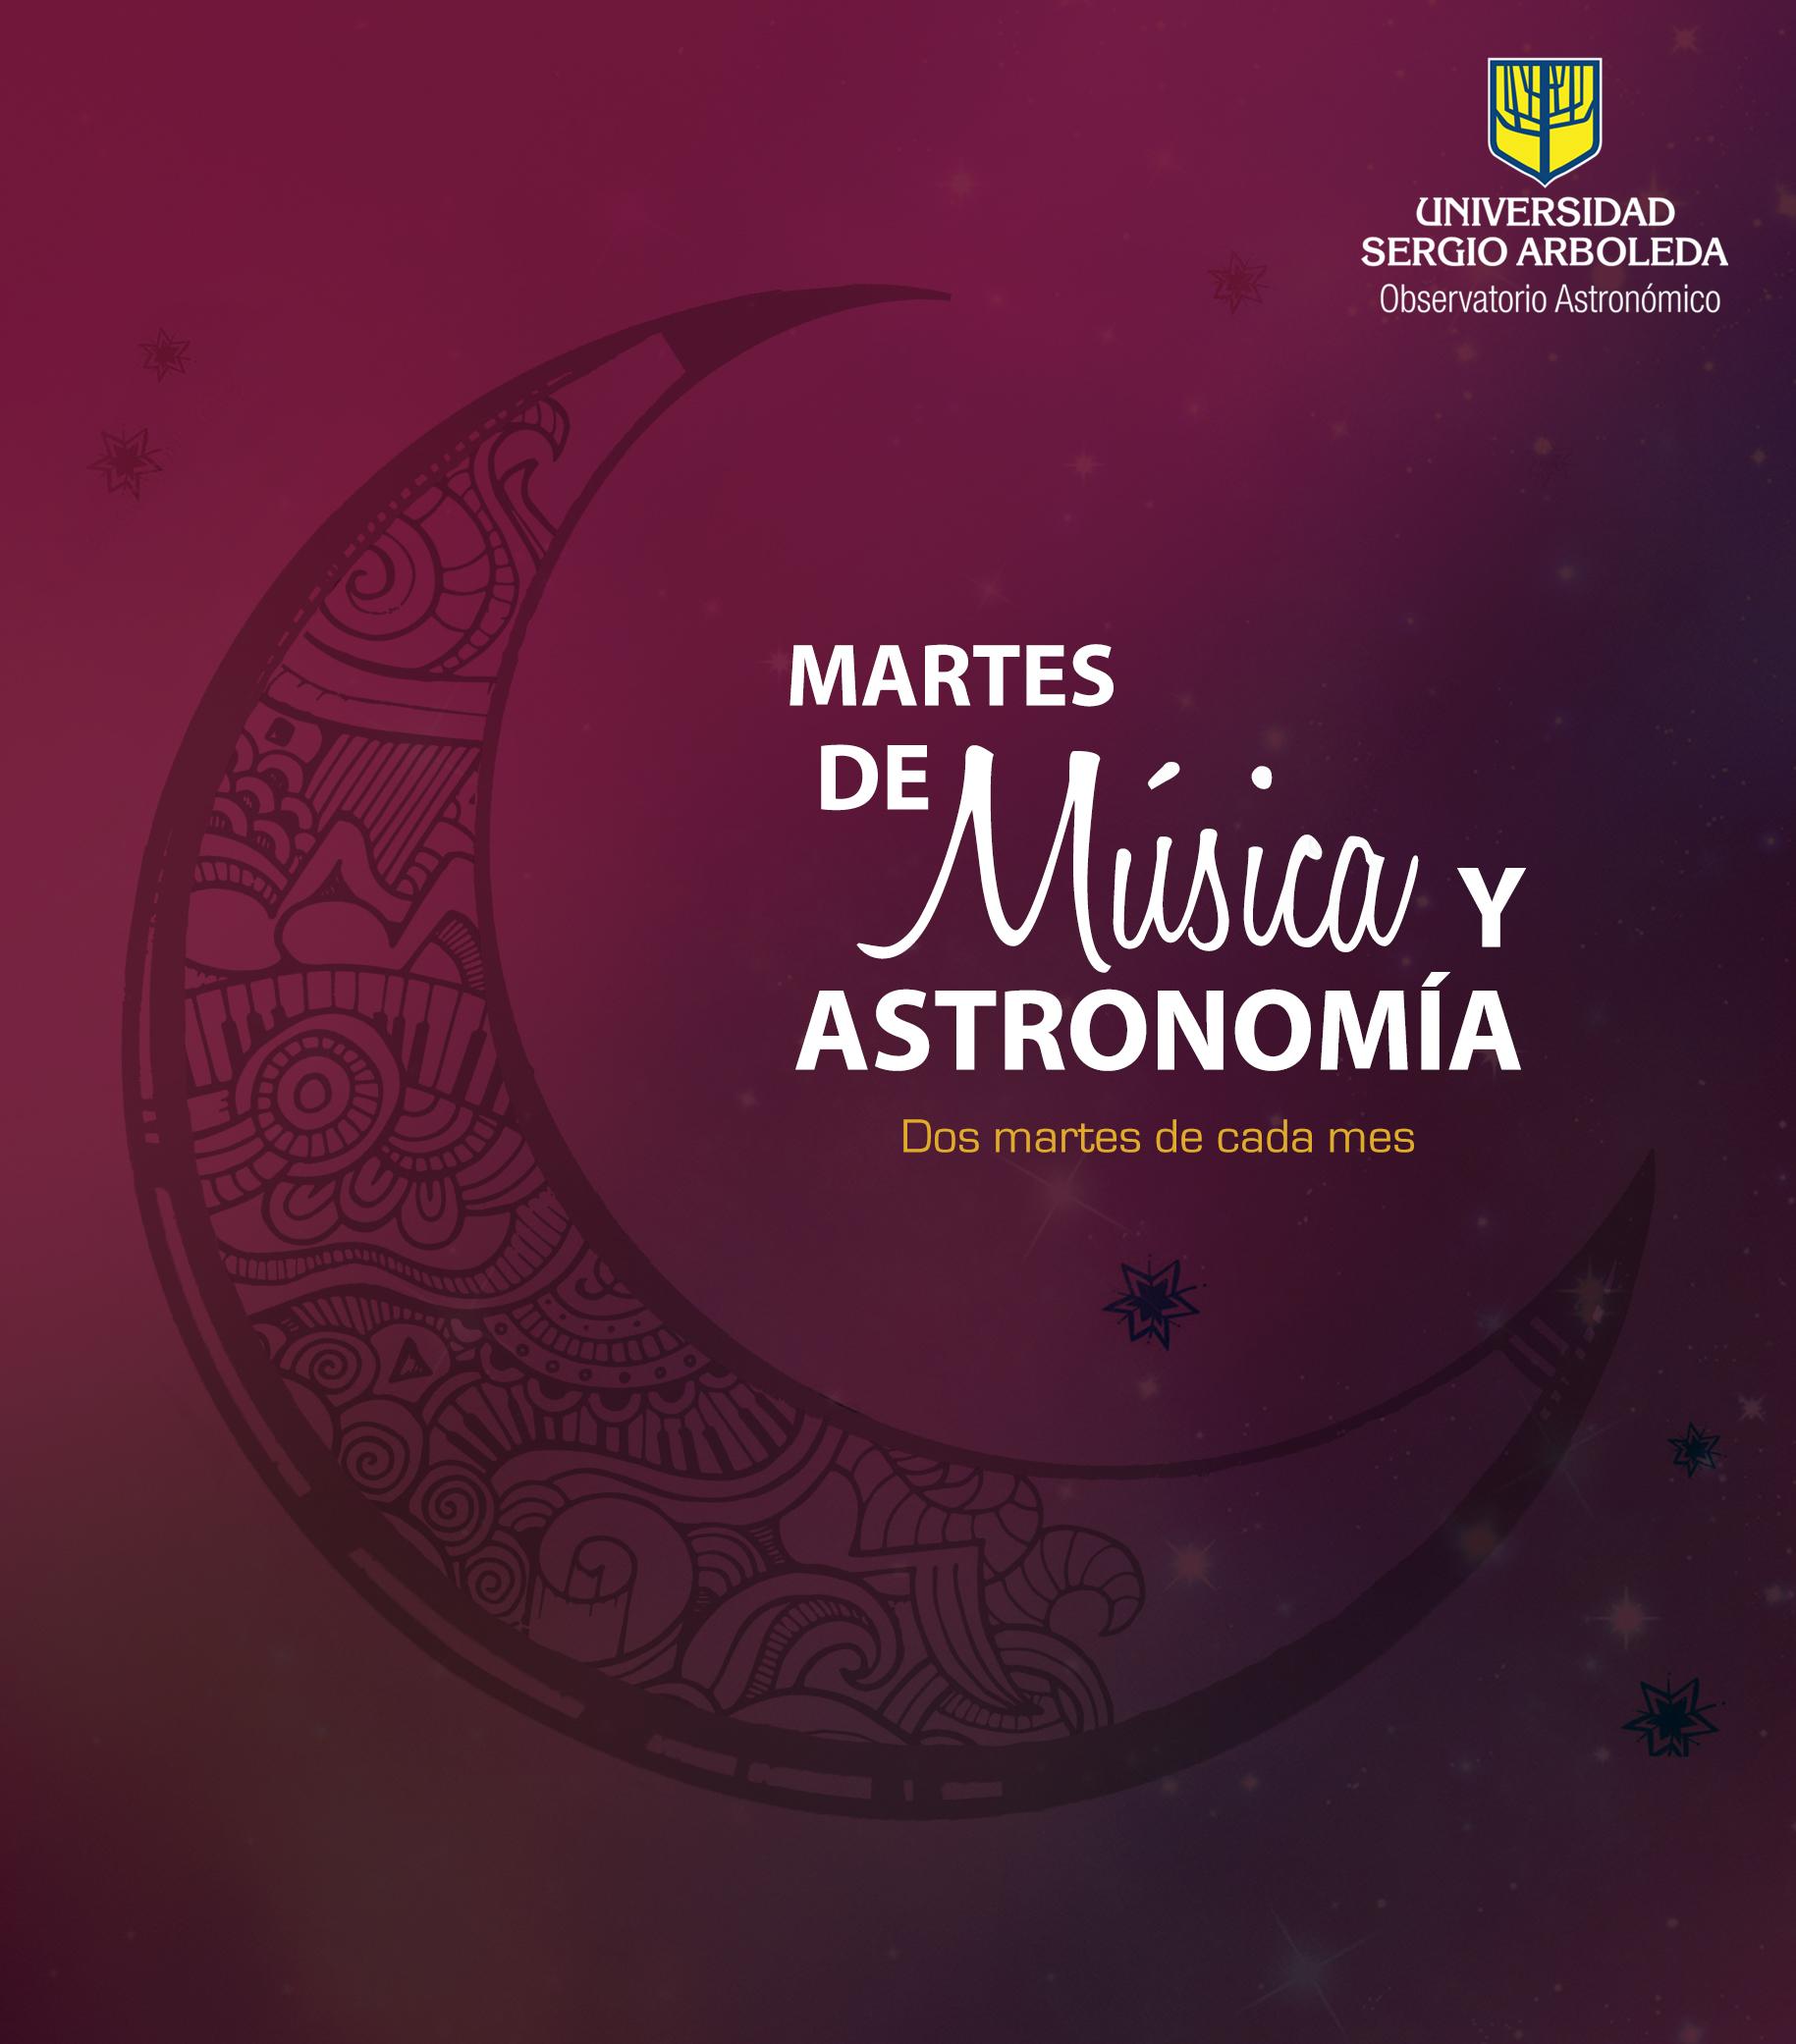 Martes_de_musica_y_astronomia